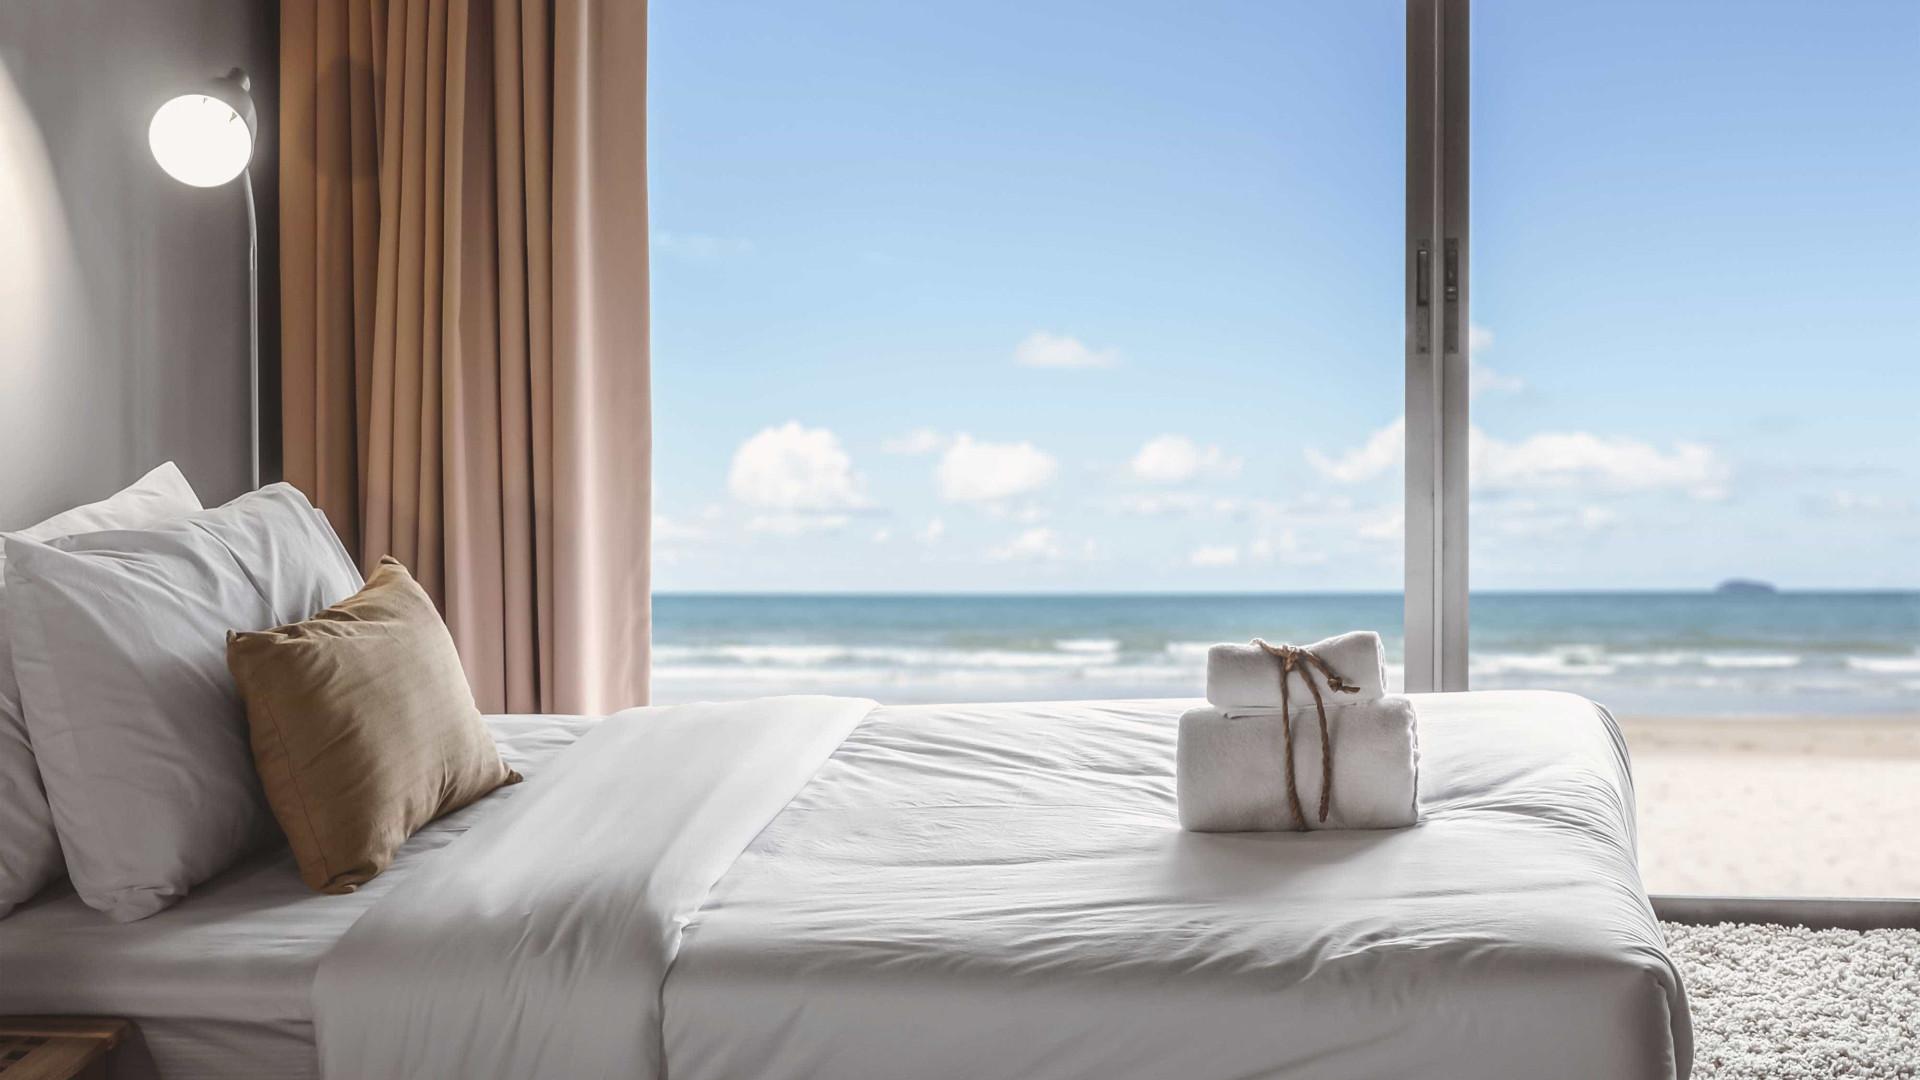 Os lençóis dos hotéis são quase sempre brancos. Descubra porquê